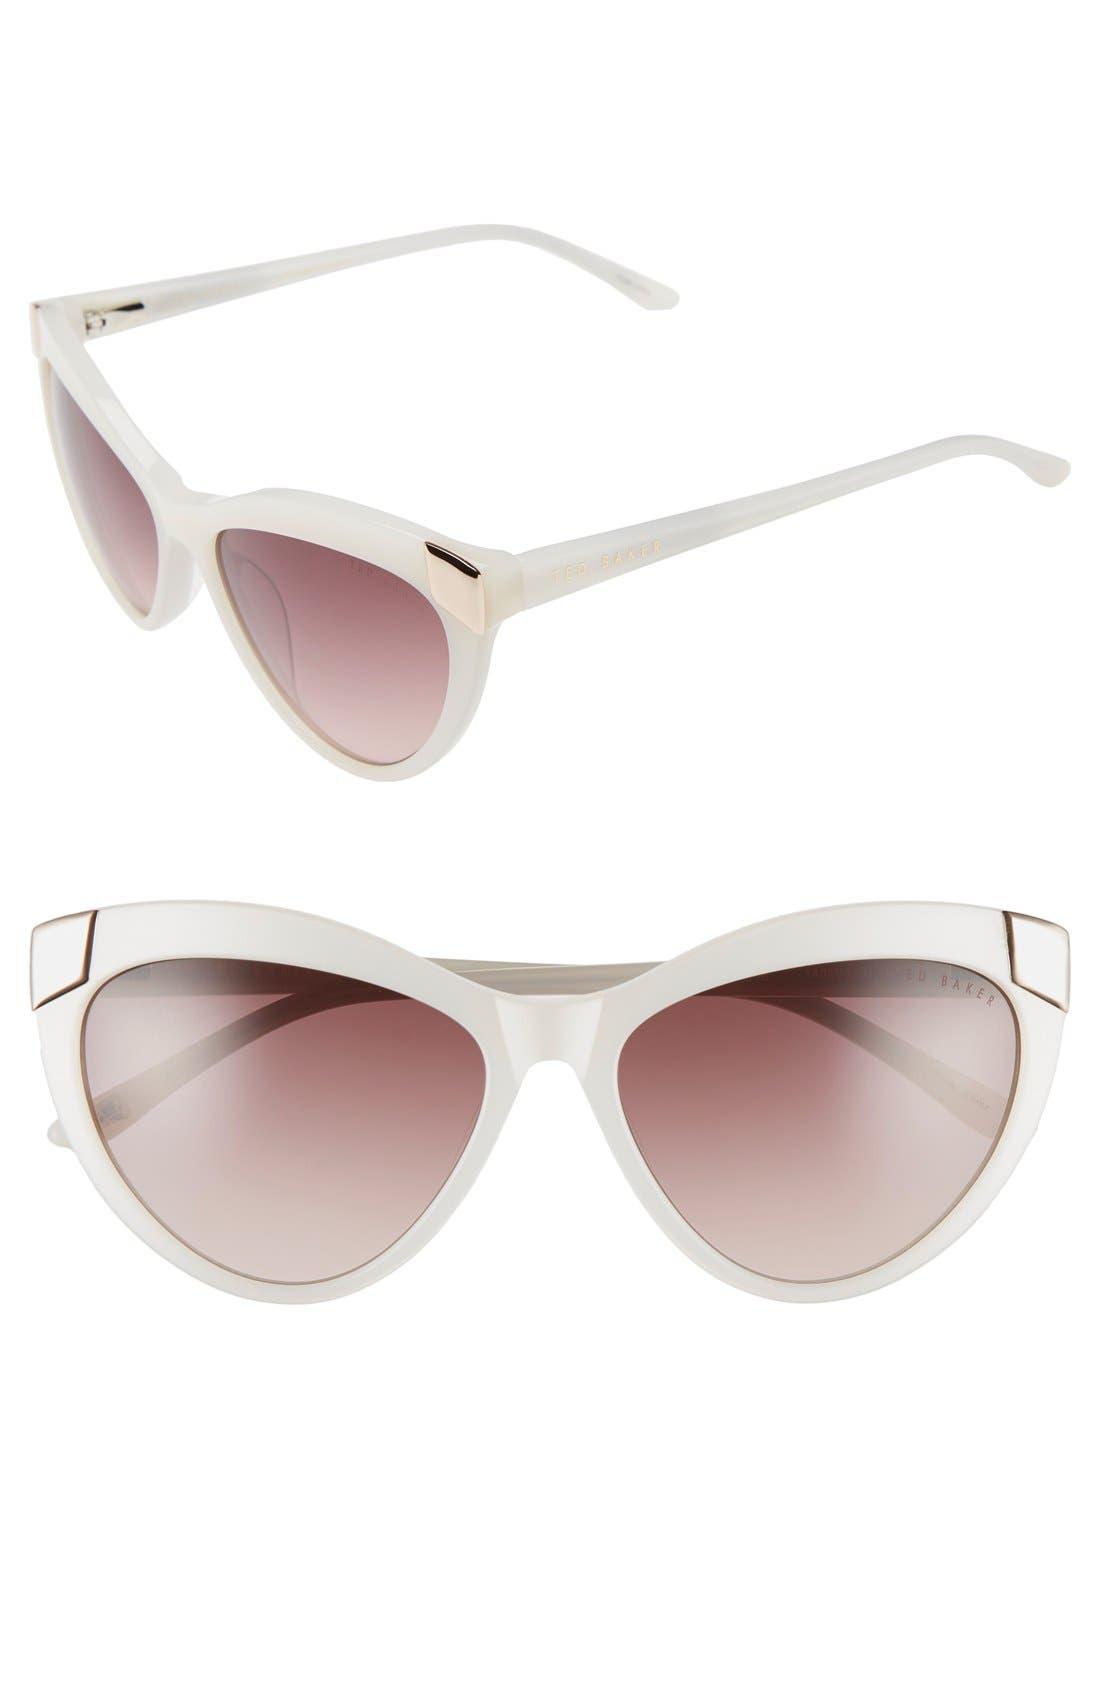 Ted Baker London 57mm Cat Eye Sunglasses